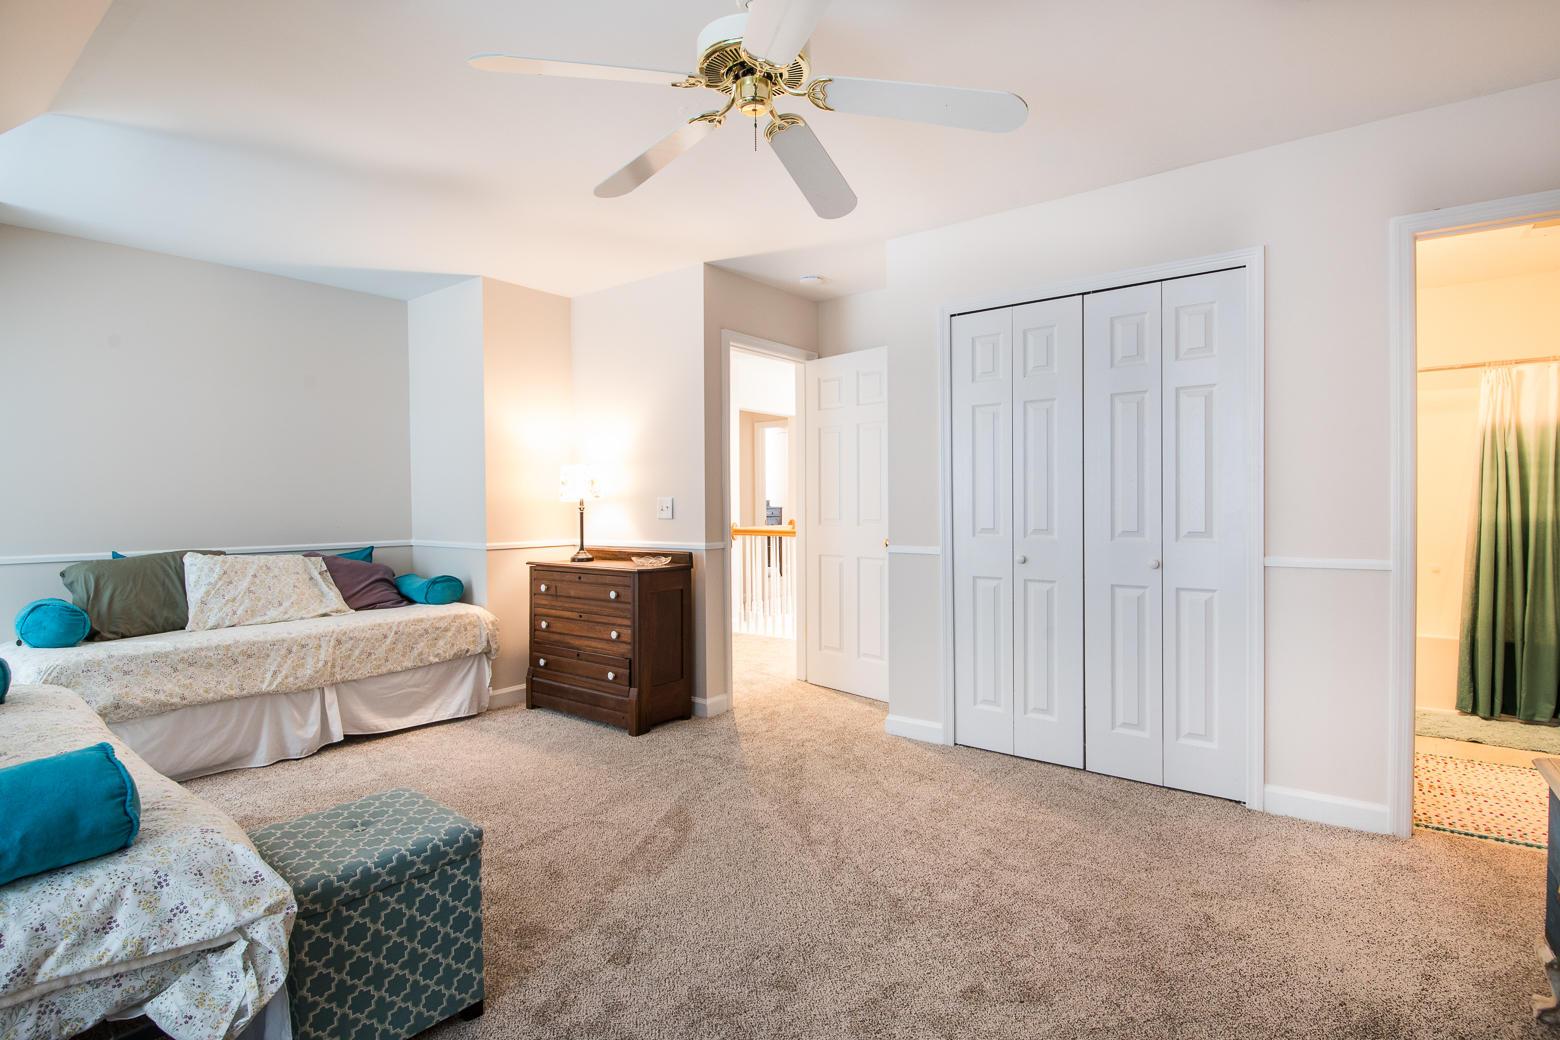 Dunes West Homes For Sale - 1111 Black Rush, Mount Pleasant, SC - 62